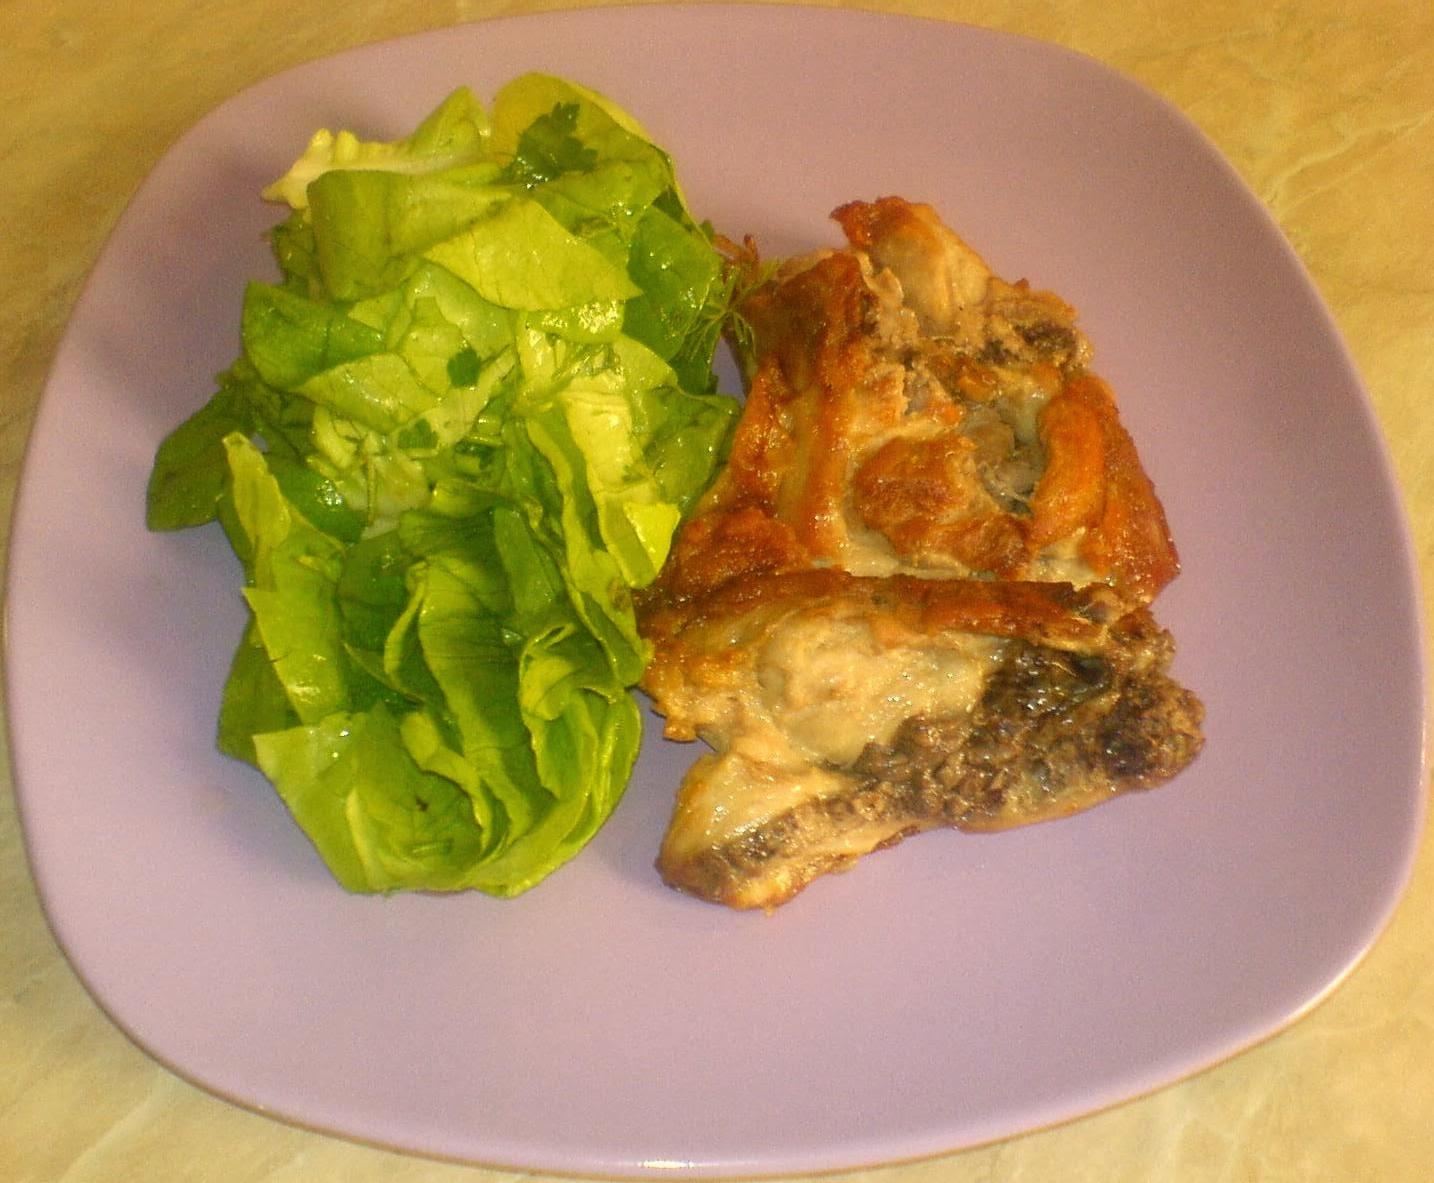 retete dietetice, mancare sanatoasa, retete culinare, friptura de pui cu salata, retete cu pui, retete zepter, cura de slabire